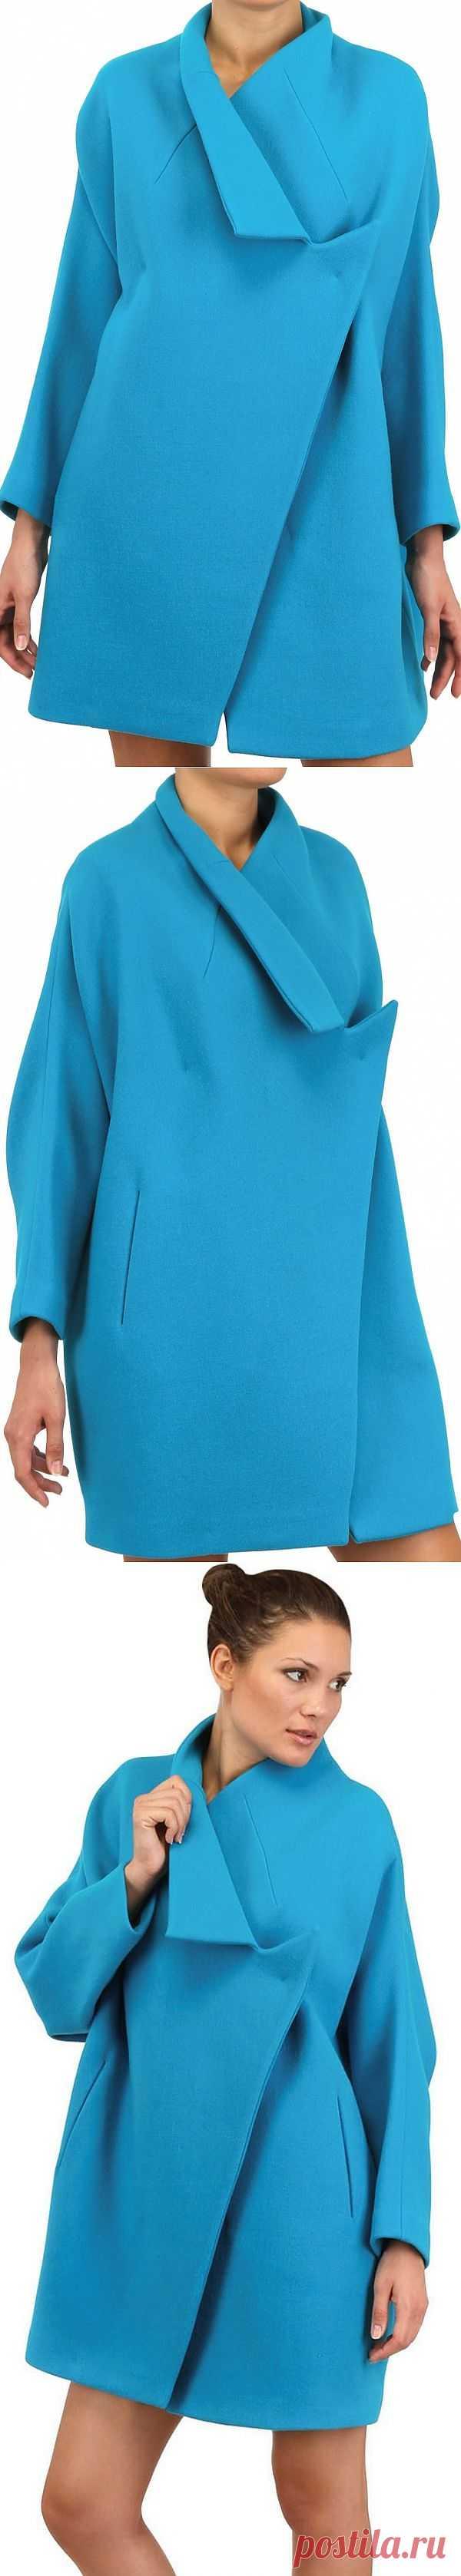 Пальто оверсайз / Вещь / Модный сайт о стильной переделке одежды и интерьера